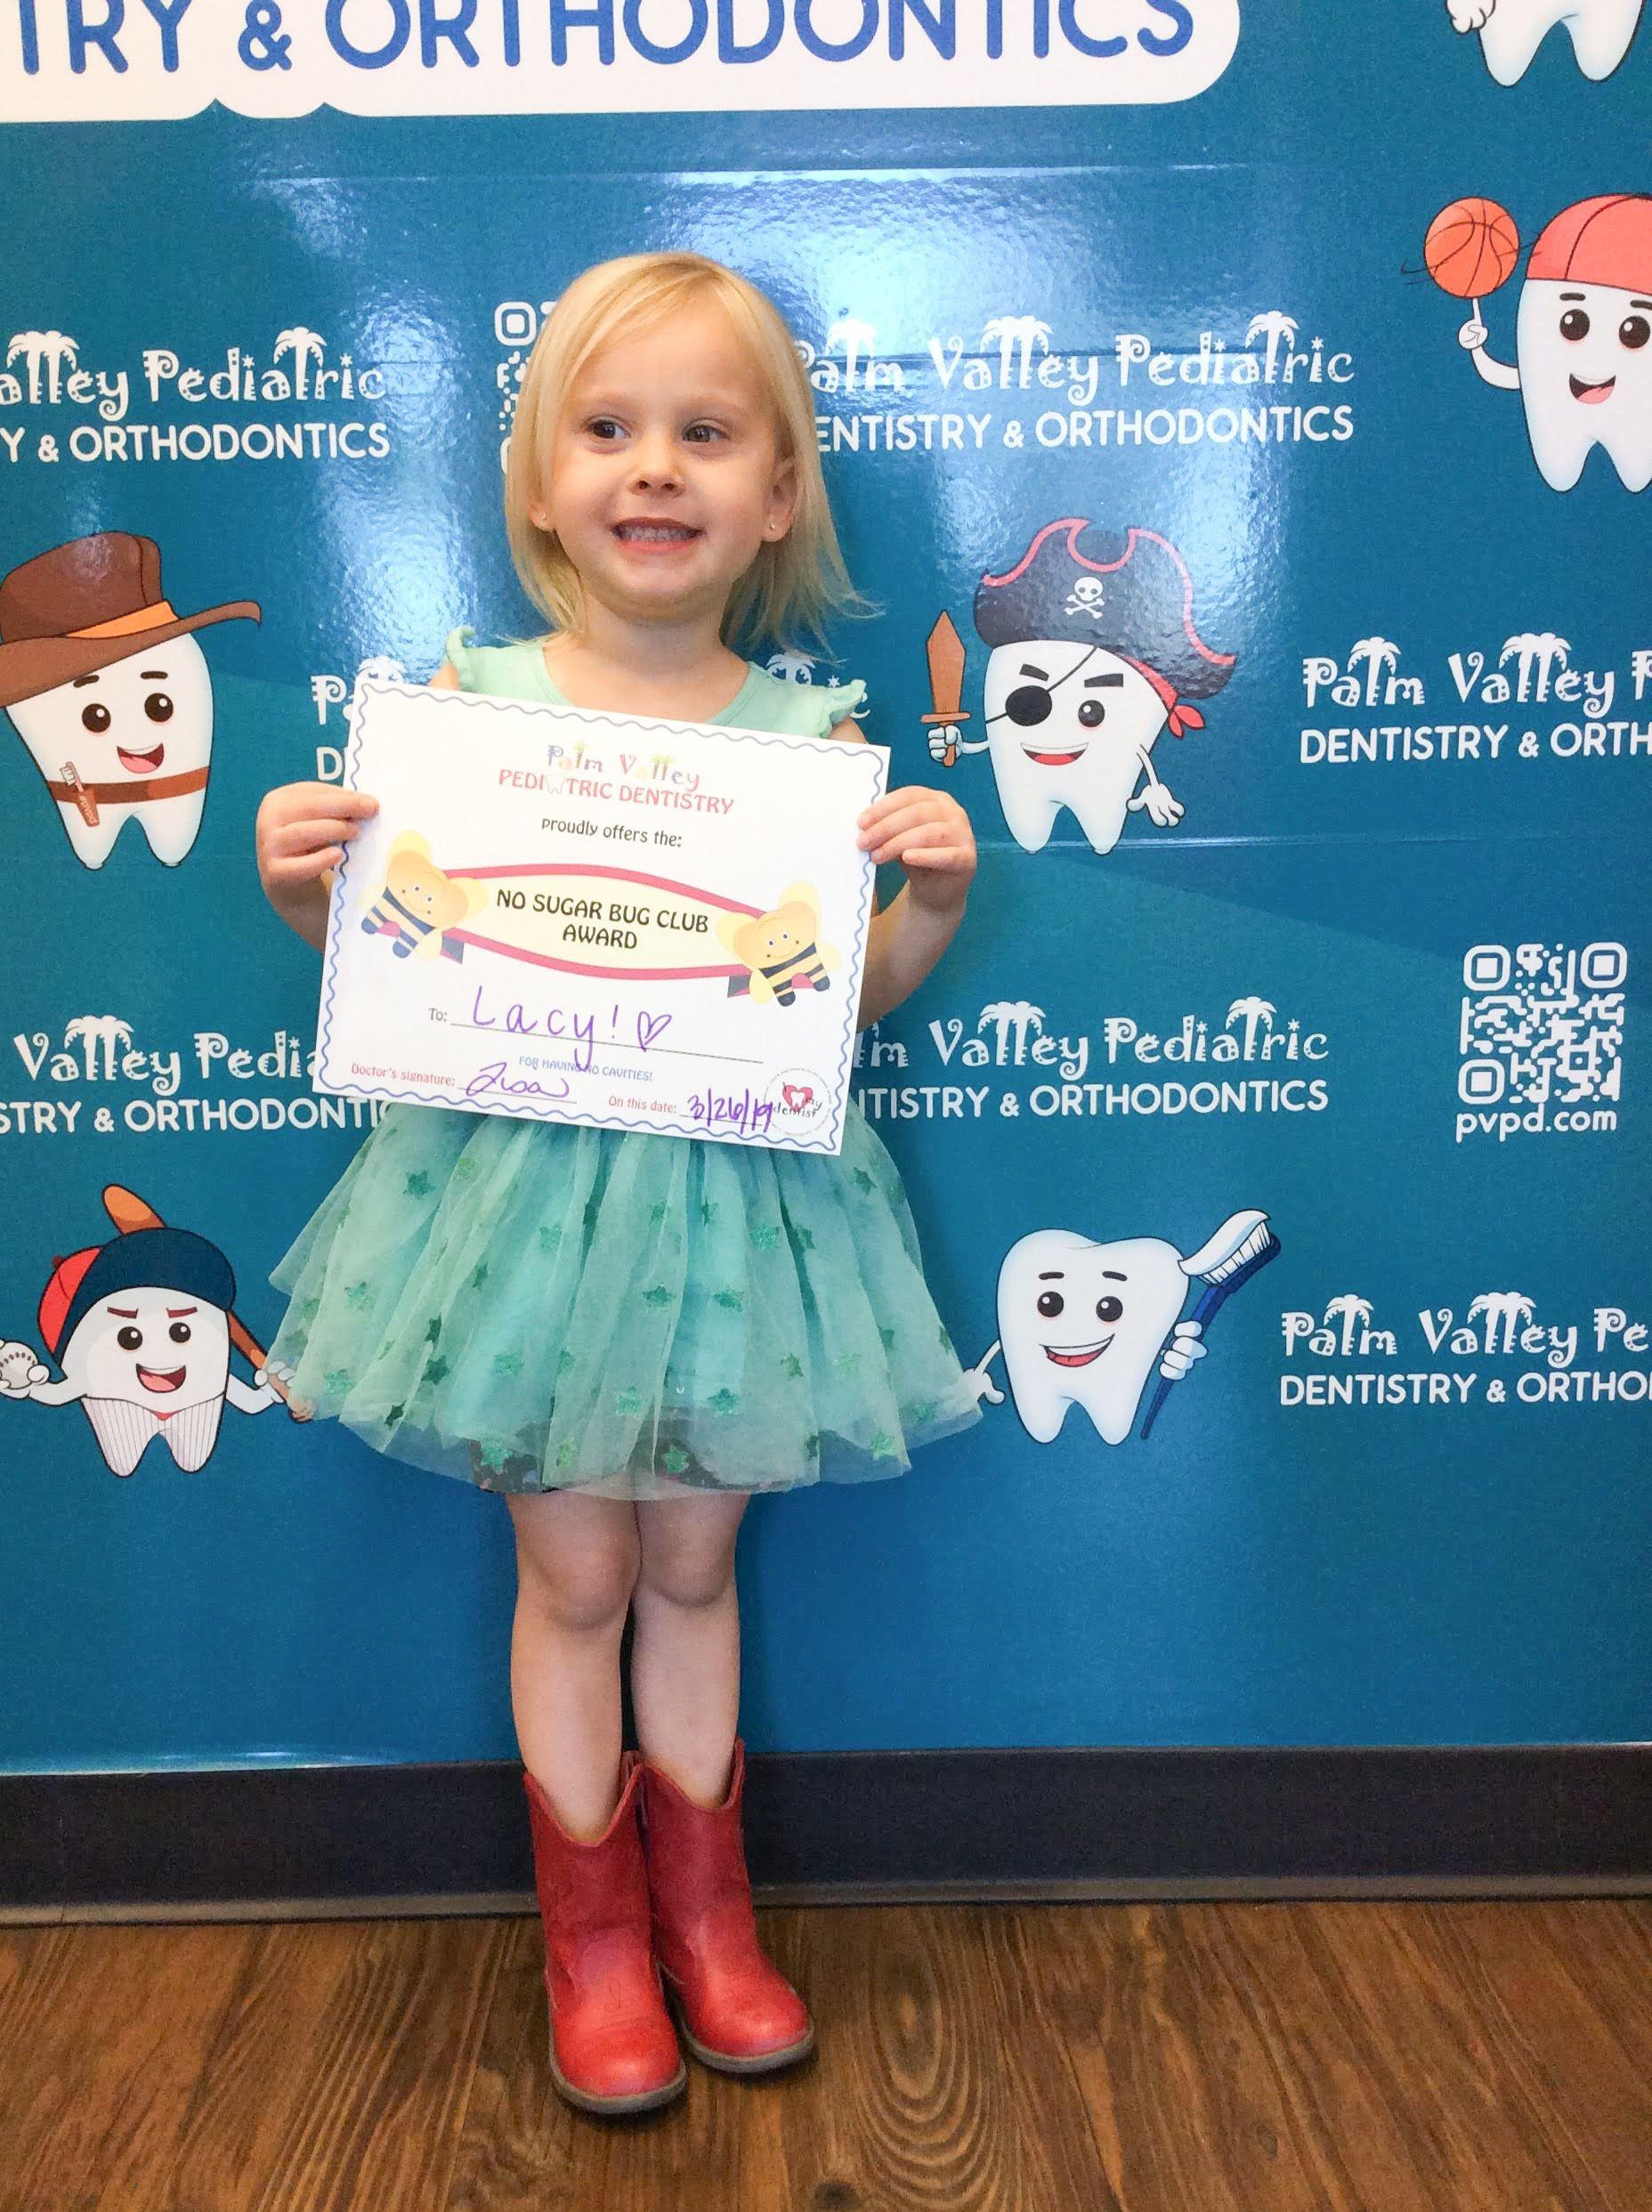 Palm Valley Pediatric Dentistry & Orthodontics I infants